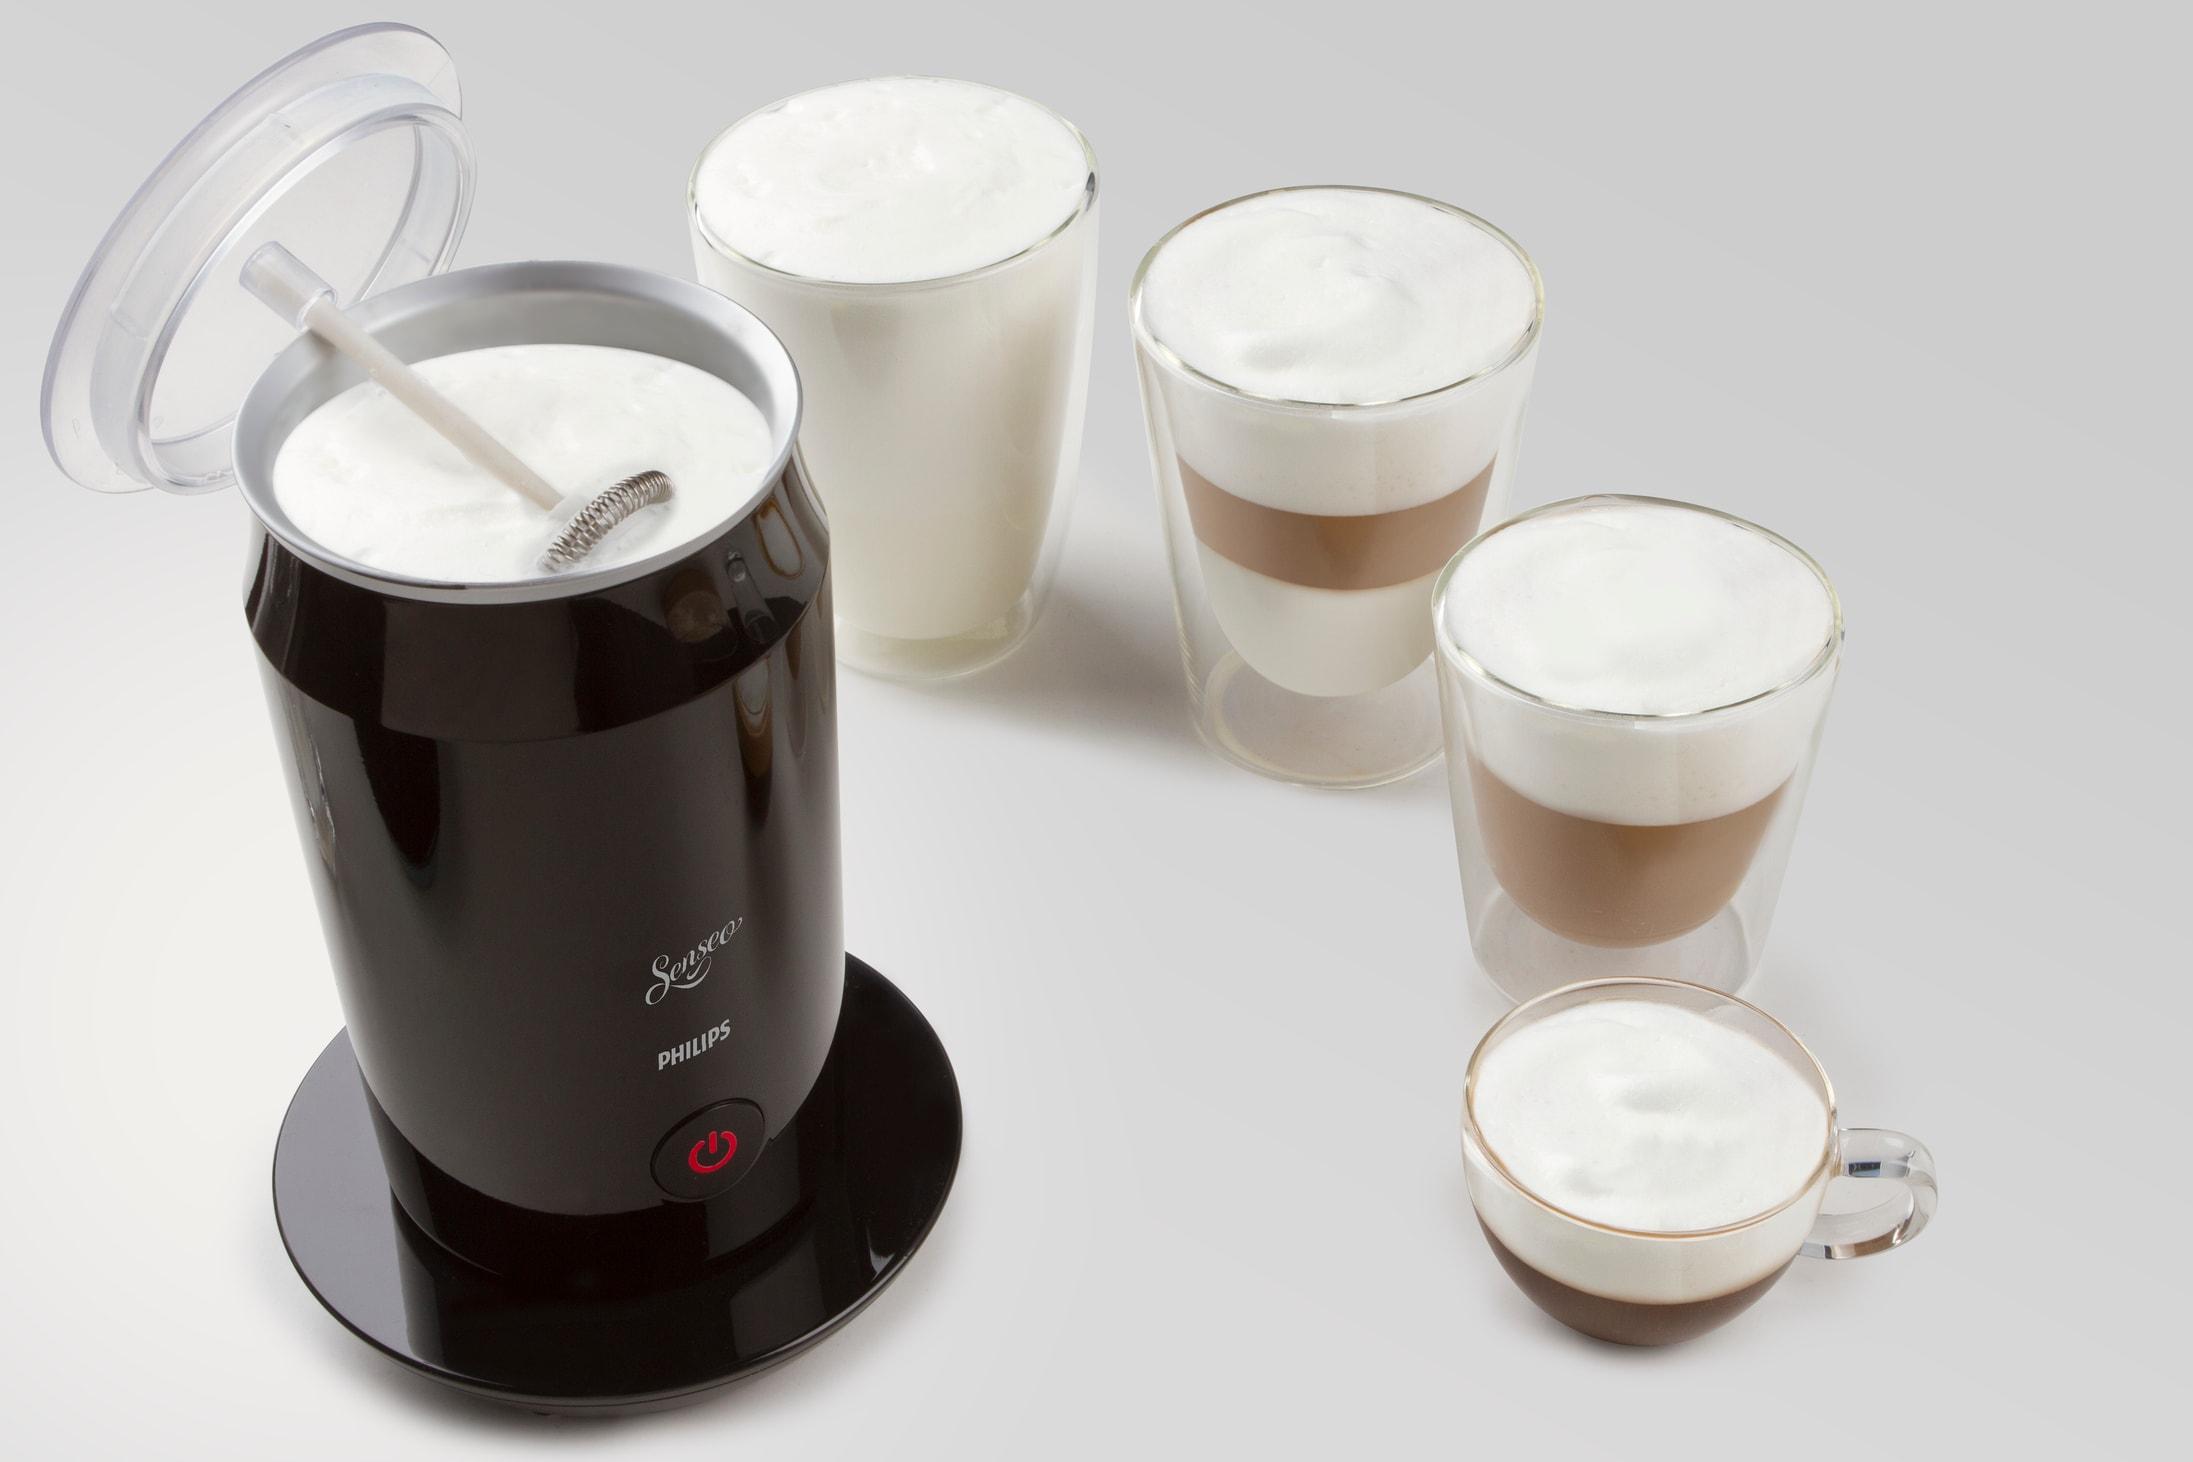 der neue philips senseo milk twister liefert perfekten milchschaum auf knopfdruck. Black Bedroom Furniture Sets. Home Design Ideas